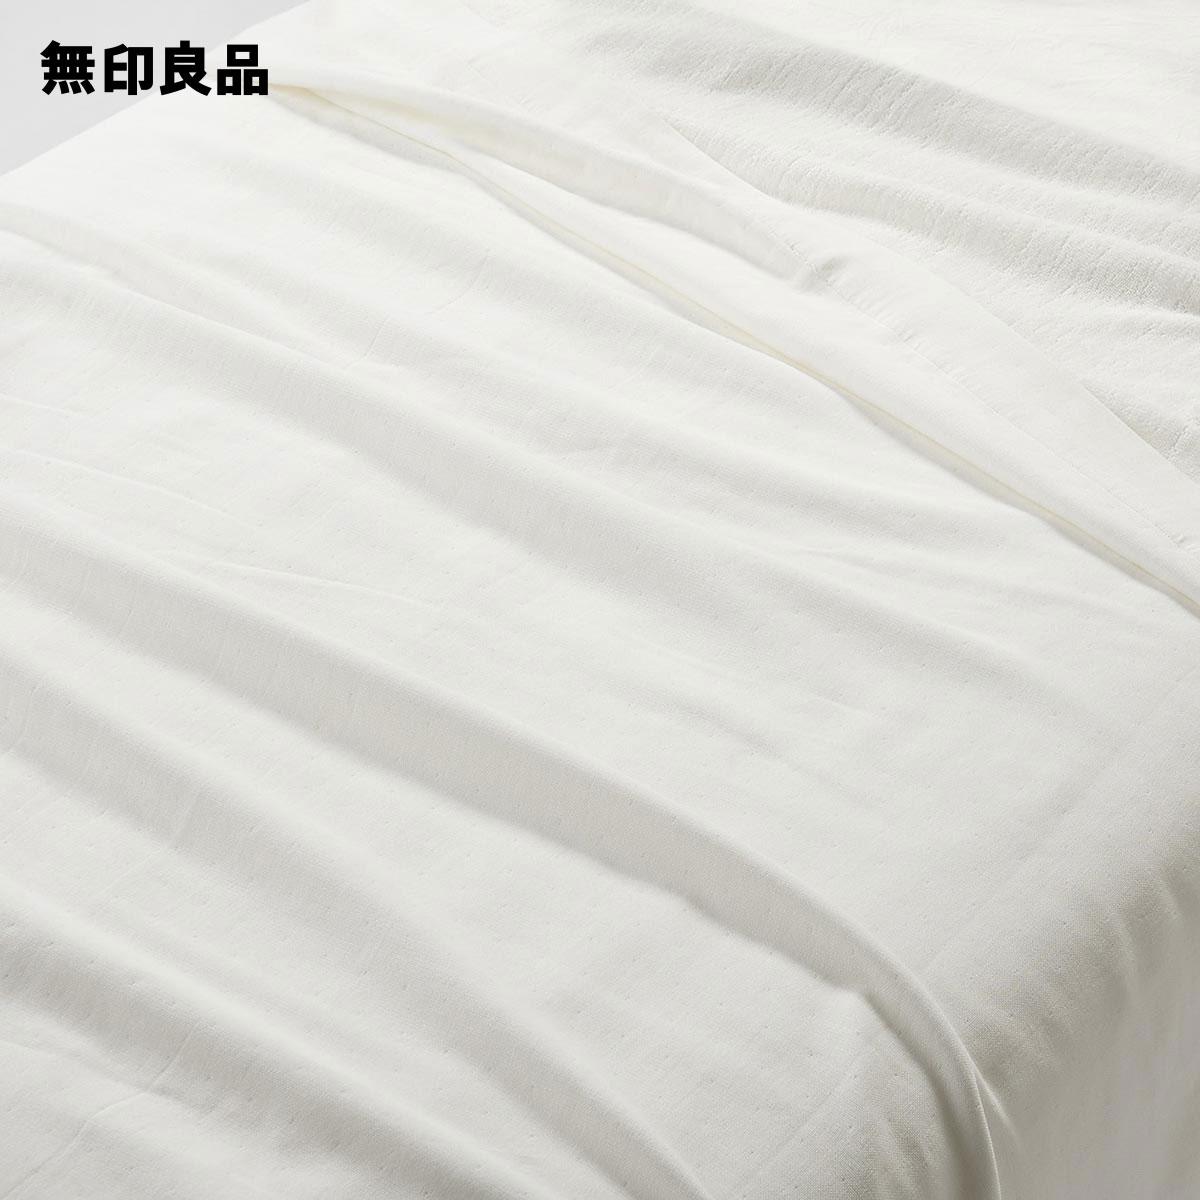 信頼 無印良品 公式 ファクトリーアウトレット 綿片面ガーゼケット ダブル 180×200cm